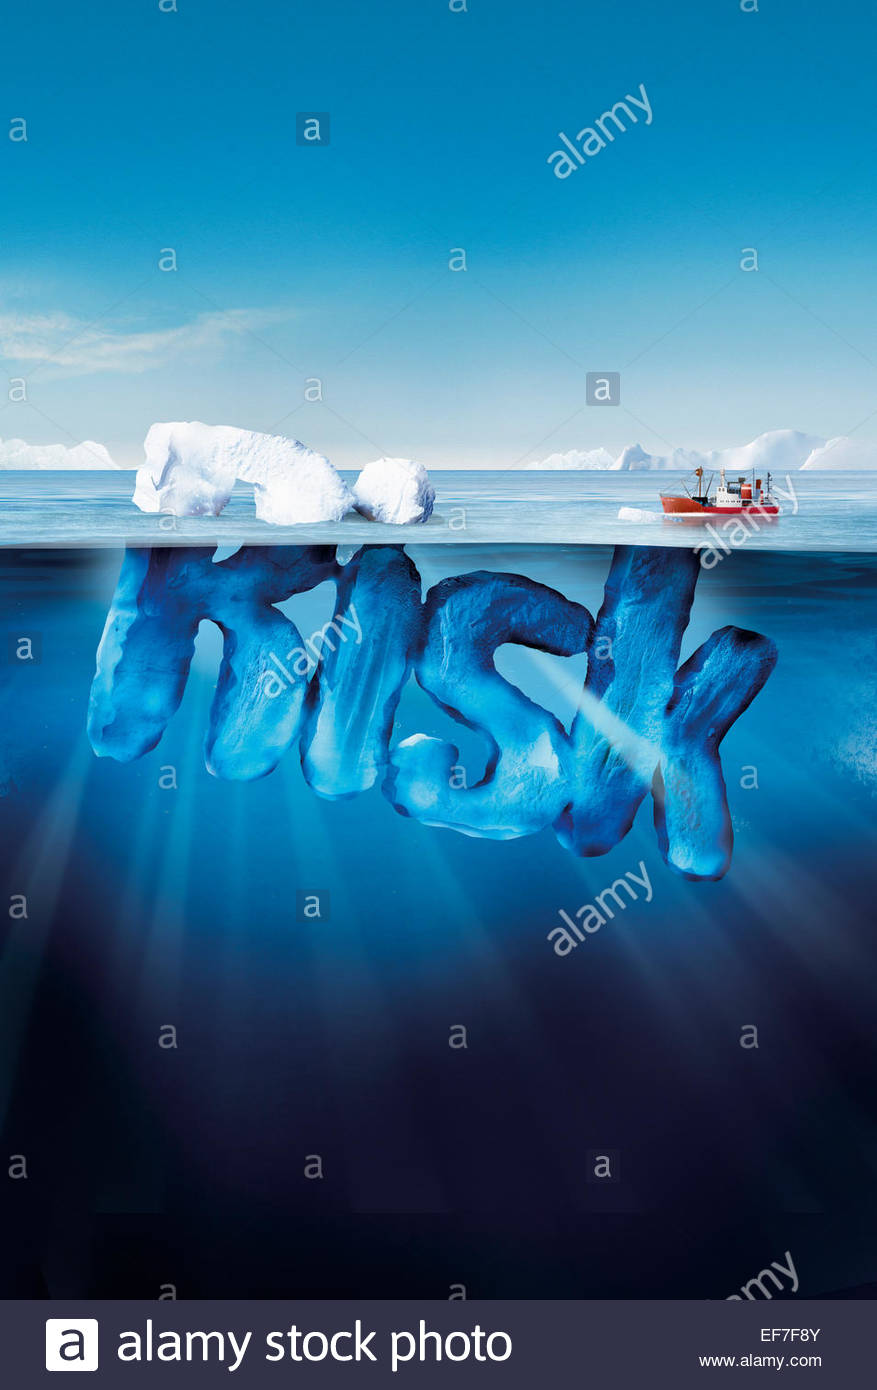 Boat approaching dangerous risk iceberg - Stock Image